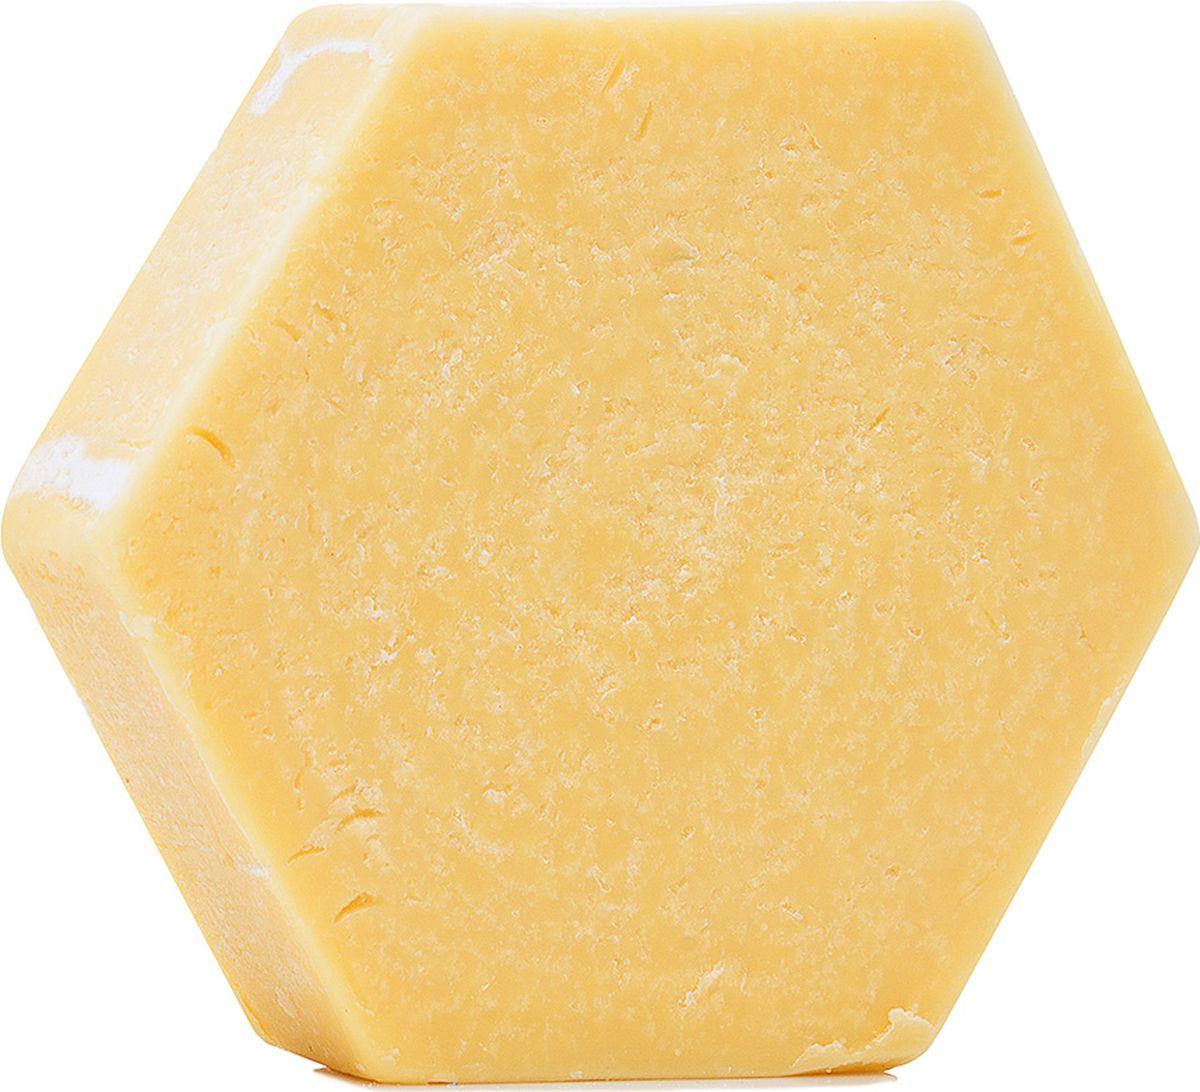 Зейтун Твёрдое массажное масло для тела №1 для всех типов кожи, 90 гZ3501Нежно ухаживает за кожей, питает, увлажняет, насыщает её витаминами. При регулярном применении — стимулирует выработку собственного коллагена, подтягивает и разглаживает кожу, выравнивает цвет. Идеальное средство для уставшей кожи, быстро впитываясь, масло Зейтун активизирует обменные процессы, запускает механизм «экстренной регенерации». Не оставляет следов на белье, обладает лёгким, но роскошным ароматом.